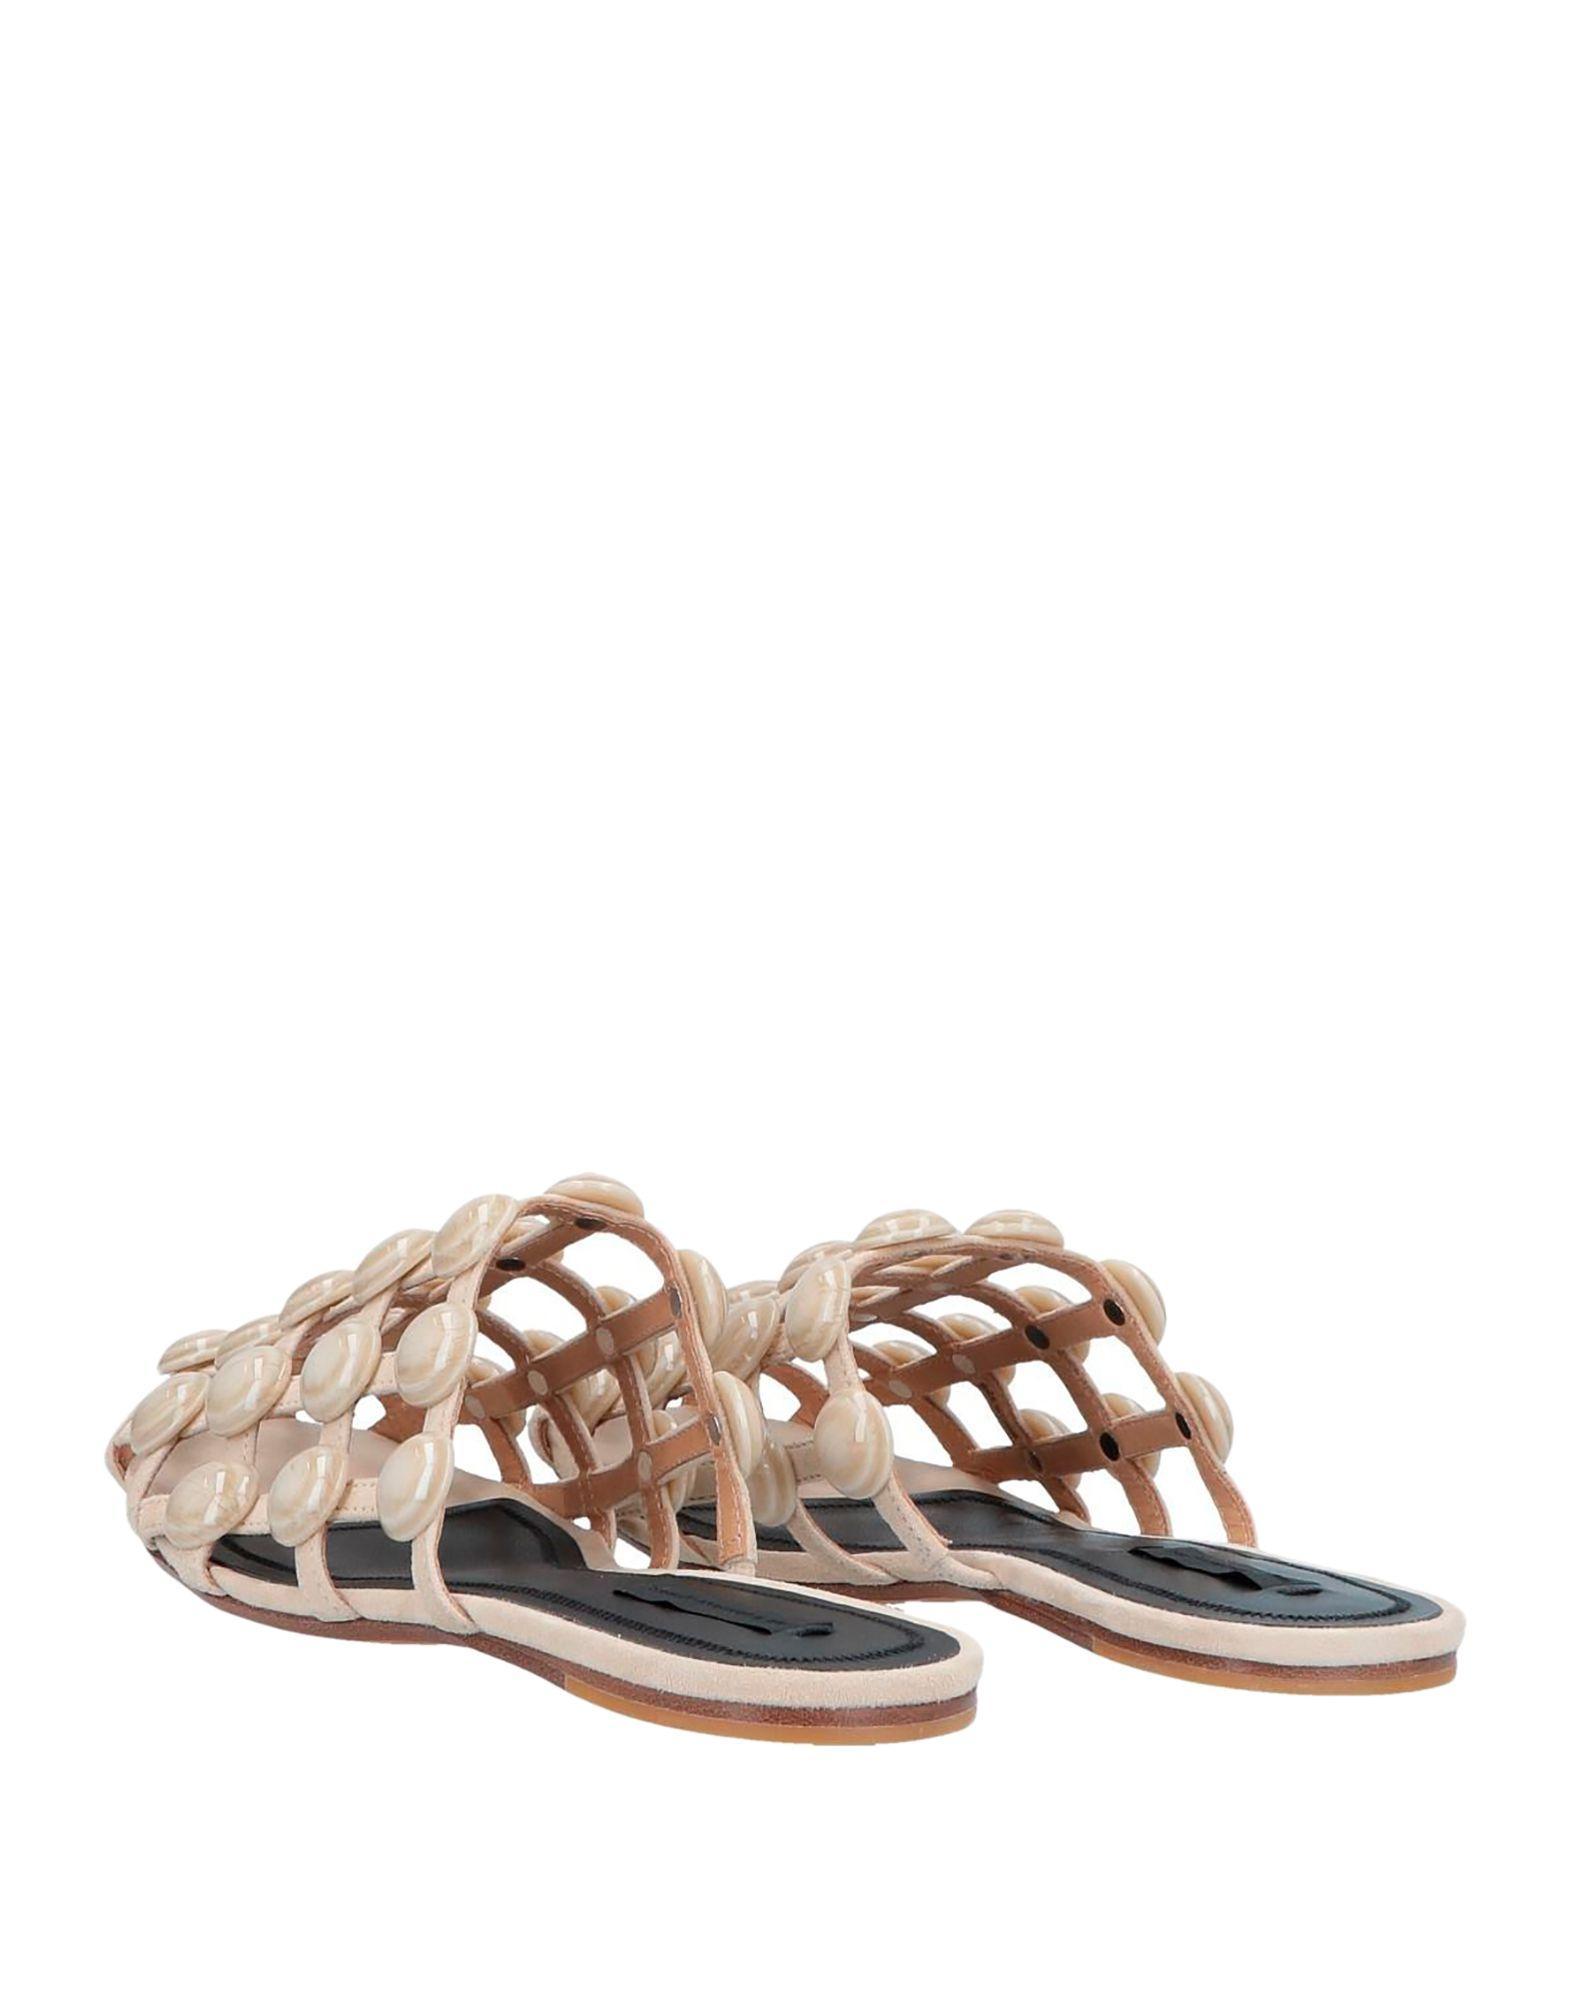 Wang Sandals Natural In Lyst Alexander Bodwrcxe SVpUzM